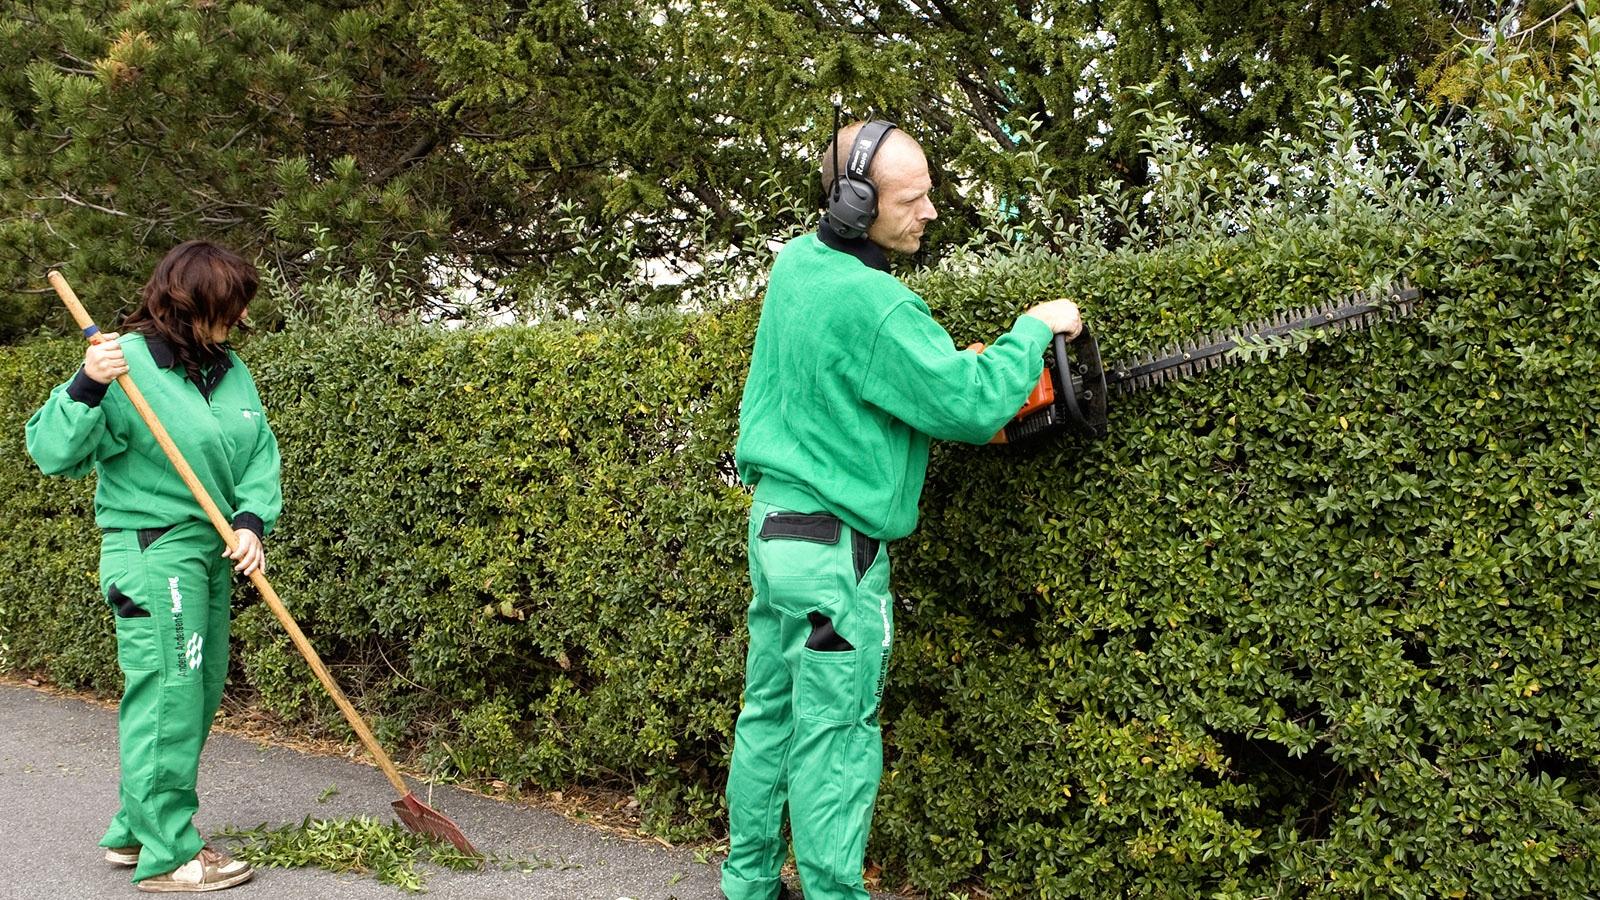 Anders Andersen Rengøring Grøn service og udendørs vedligehold trappevask